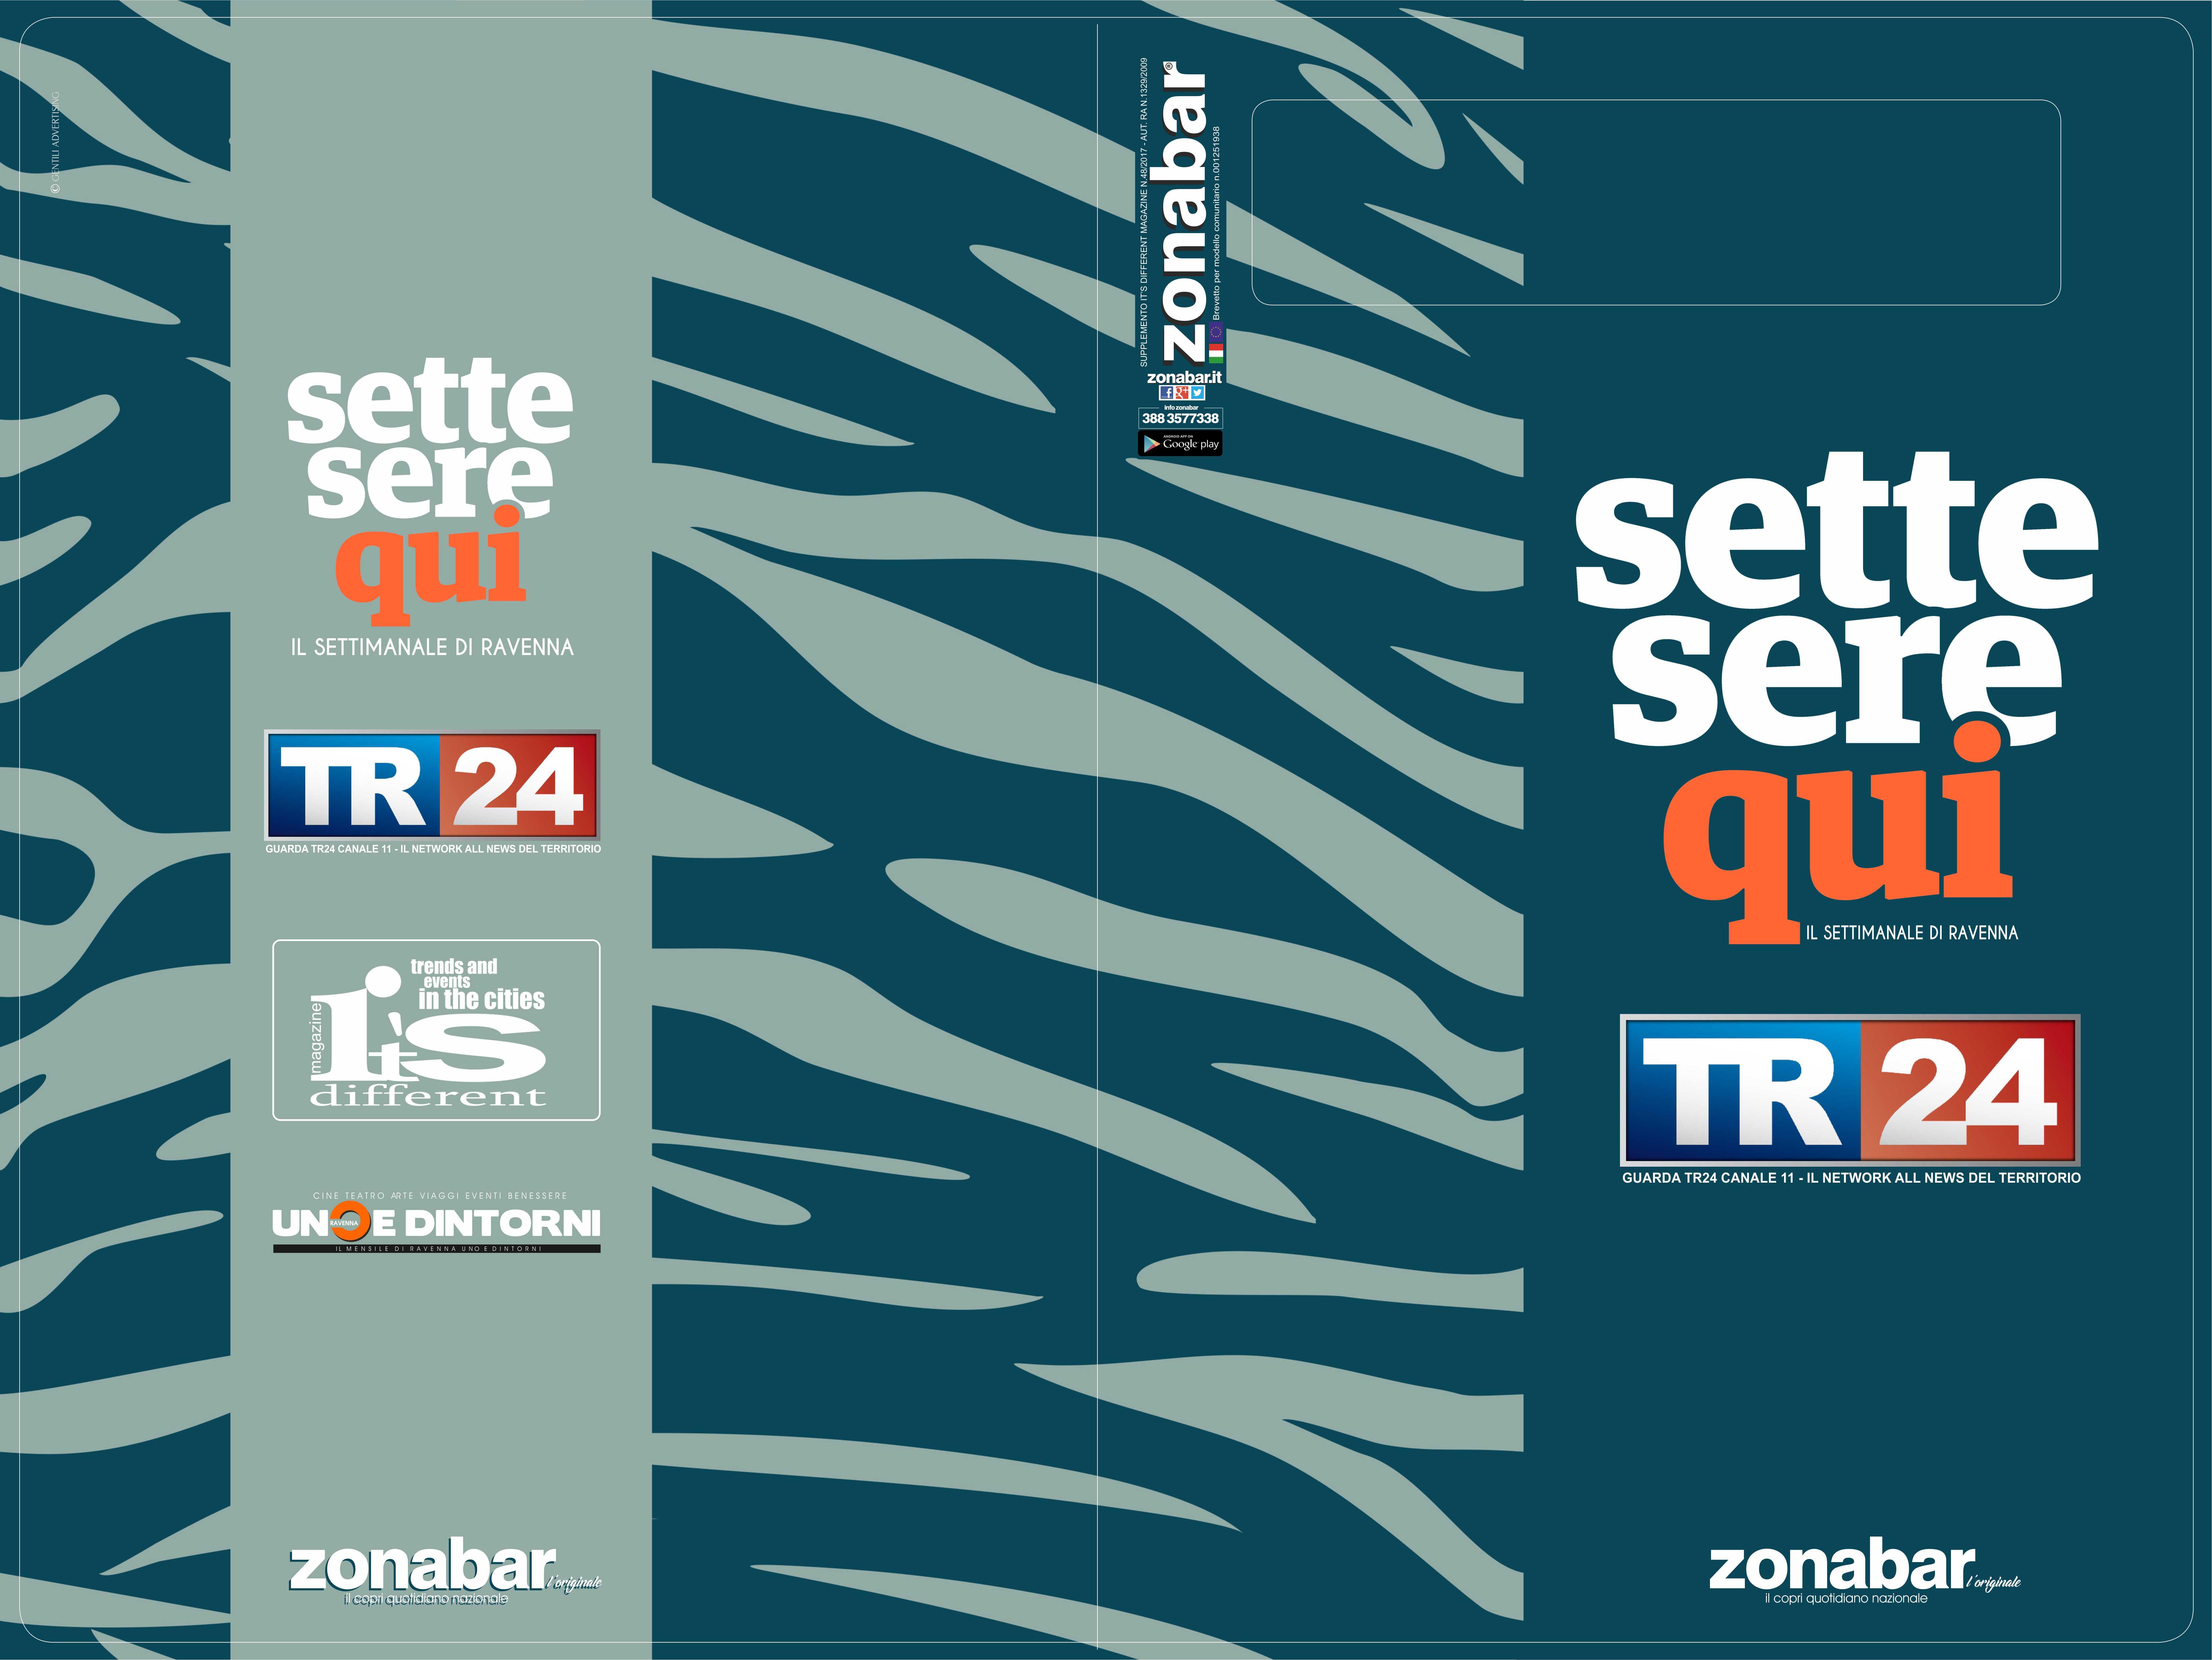 SETTESERE QUI - TR24